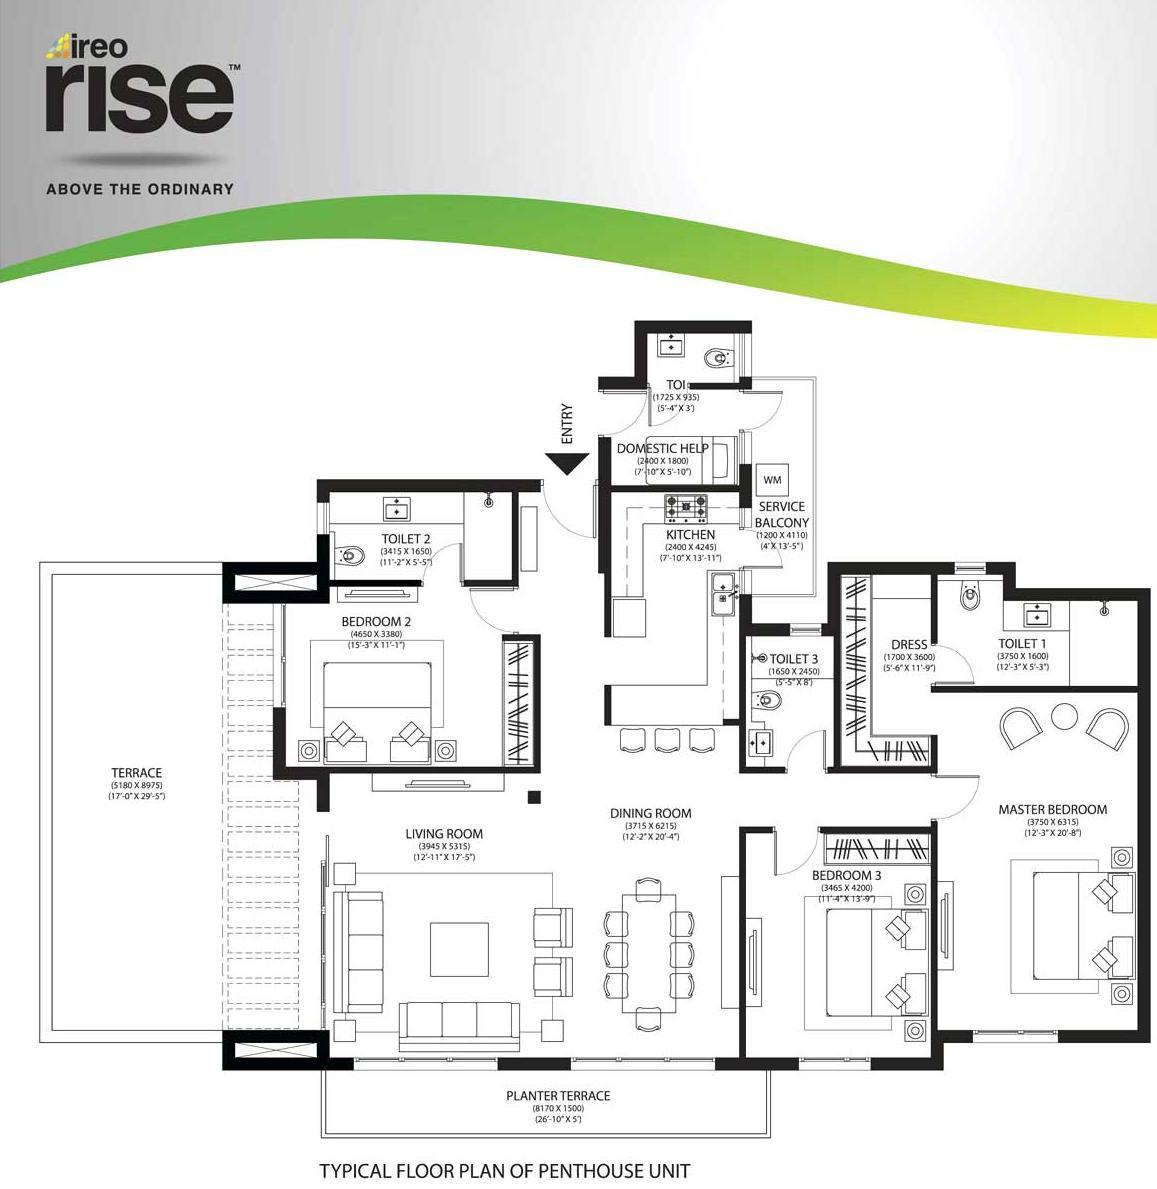 ireo penthouse